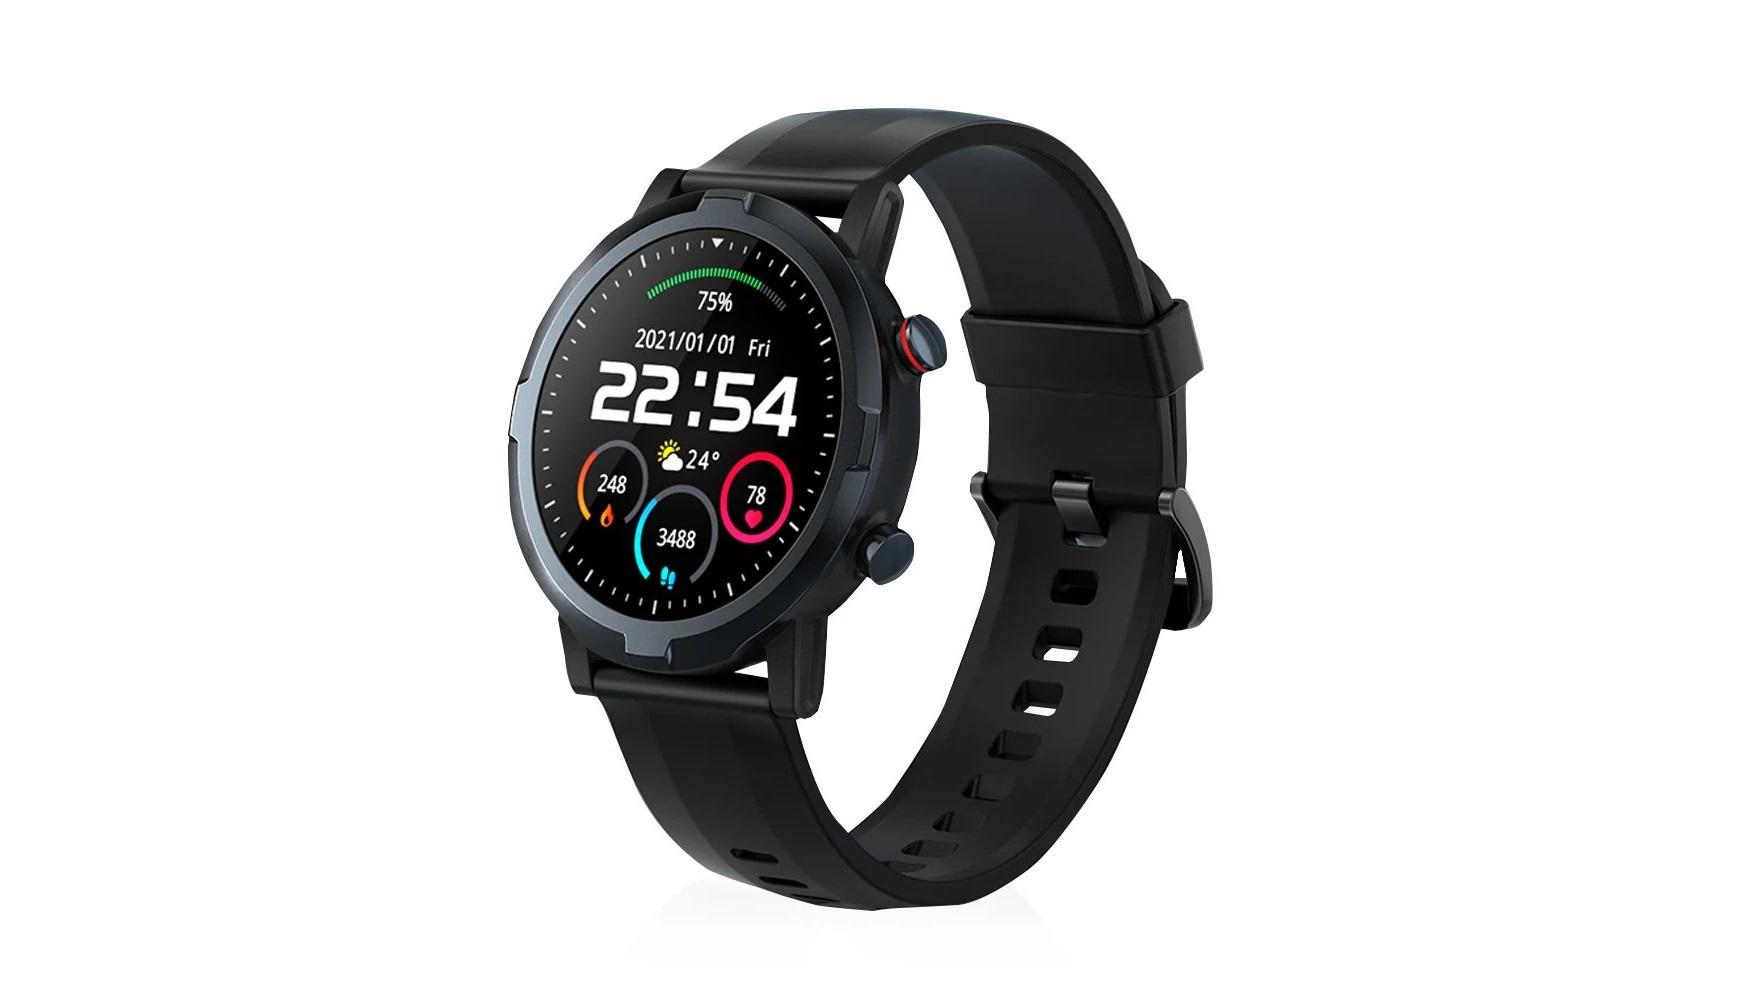 Nové krásné chytré hodinky Haylou RT 2021 právě v akci! [sponzorovaný článek]